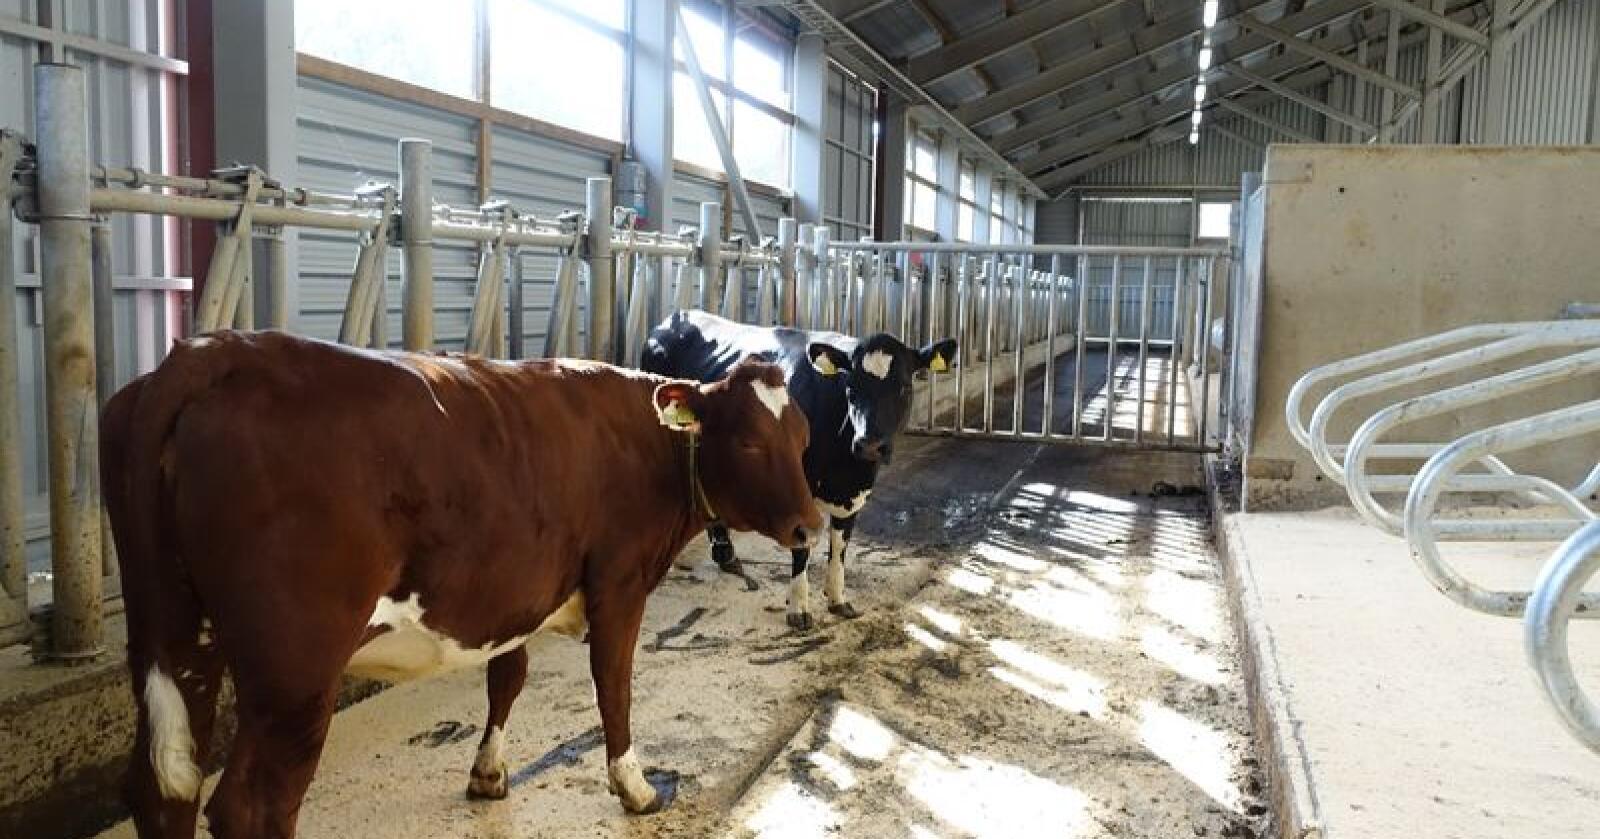 Kvigene Andrea og Annea skal ikke selges tilbake til oppdretter. Nå skal de auksjoneres bort på Dyrskun. Foto: Eva Husaas/Geno